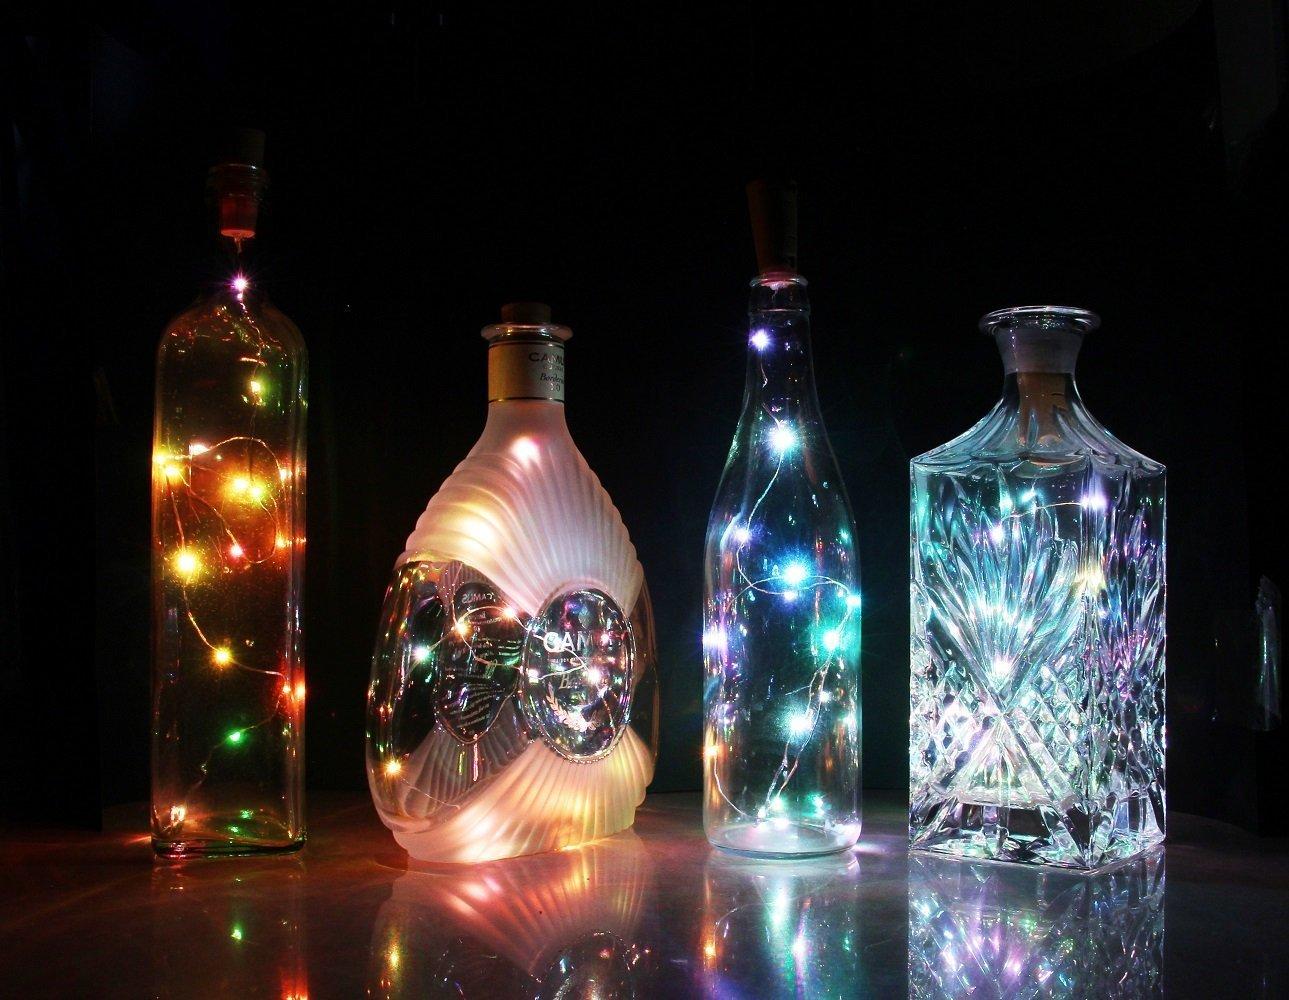 cadena de cobre decoraci/ón de fiesta Halloween Navidad luces de cadena de alambre para botella COSOON Juego de 6 luces de corcho para botellas de vino bricolaje 15 LED de 28 pulgadas boda